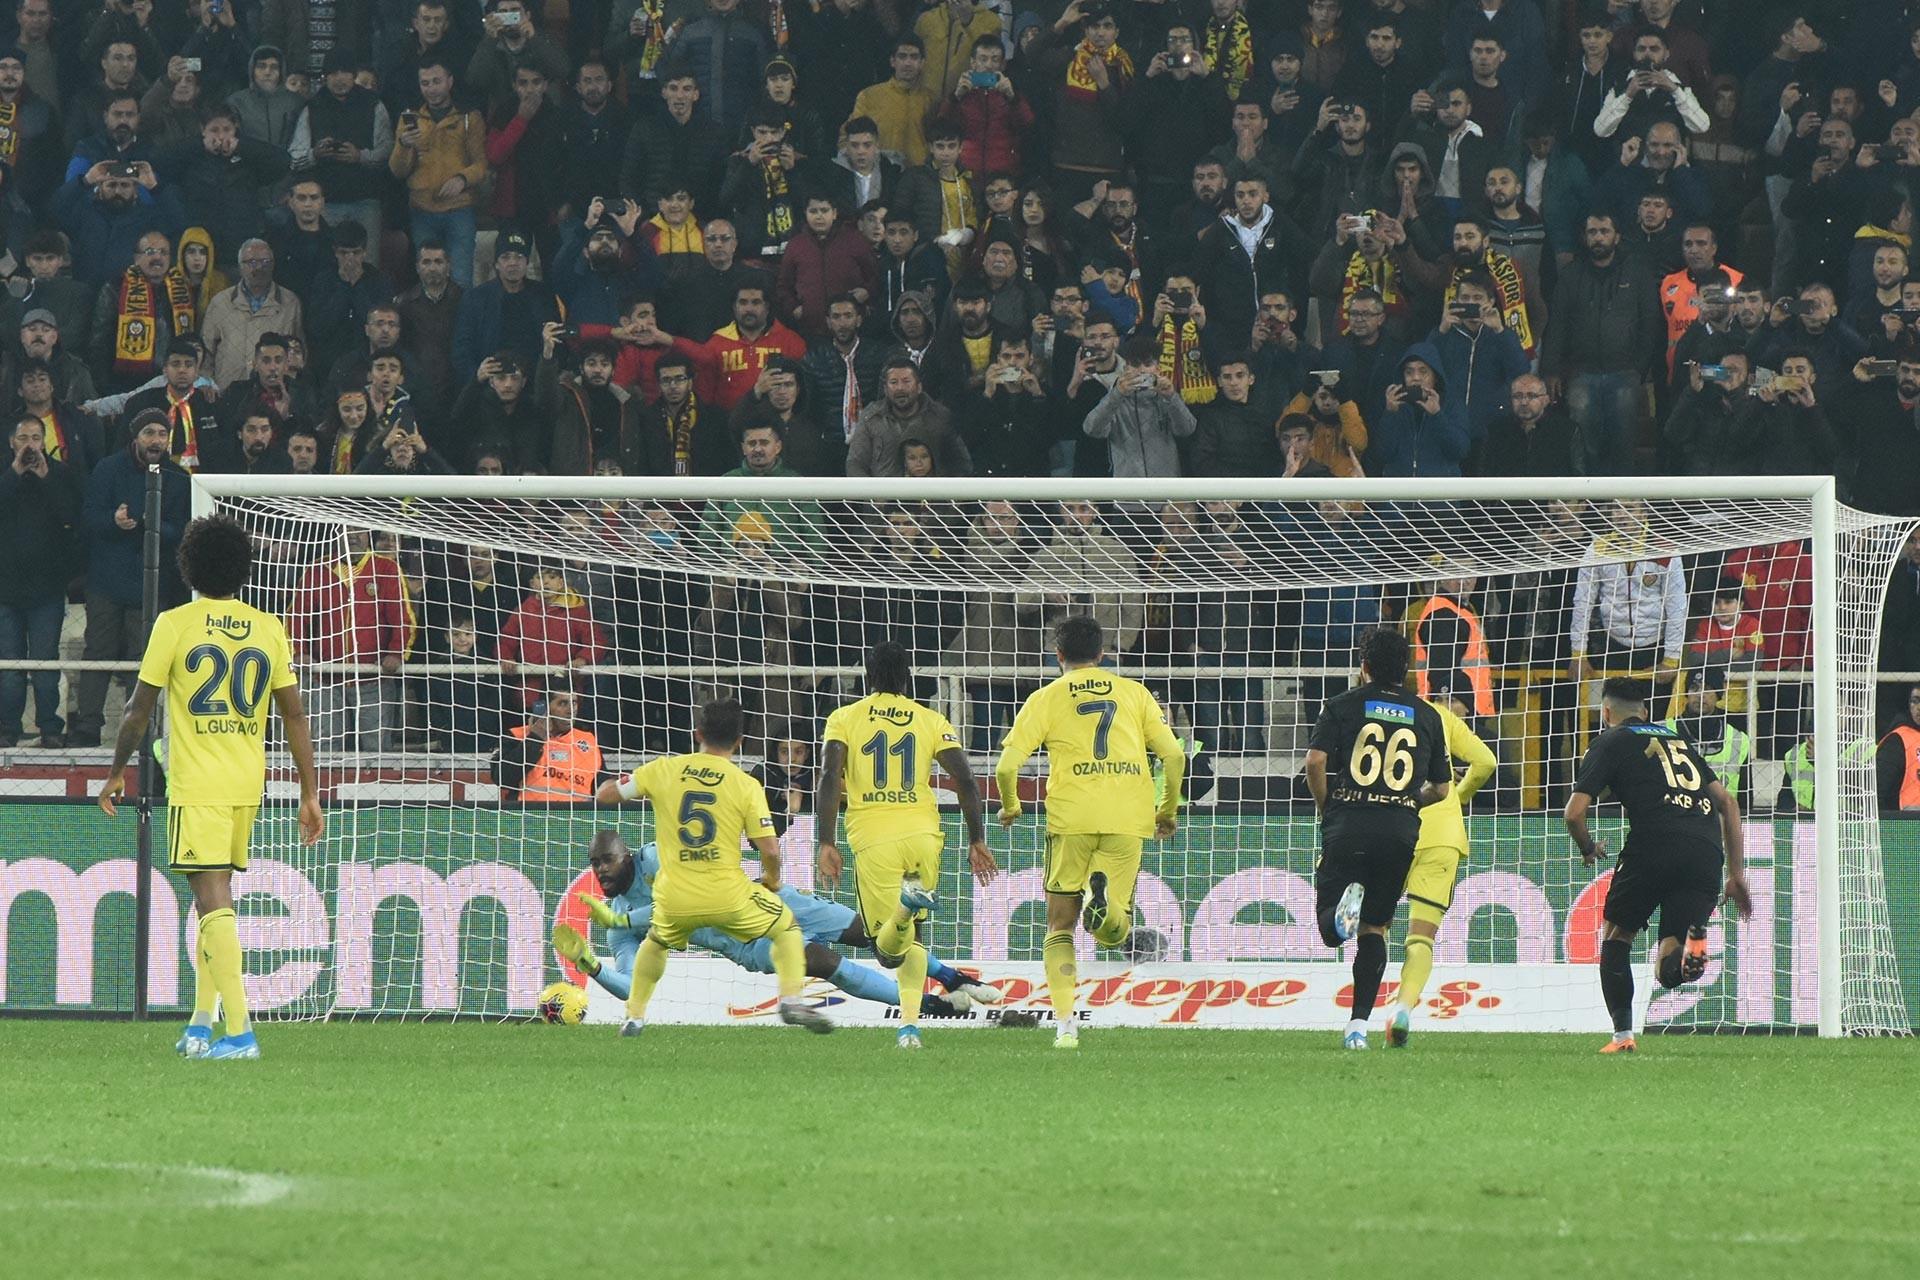 Fenerbahçeli futbolcu Emre Belözoğlu'nun kullandığı penaltıyı Yeni Malatyaspor kalecisi Farnolle kurtarırken